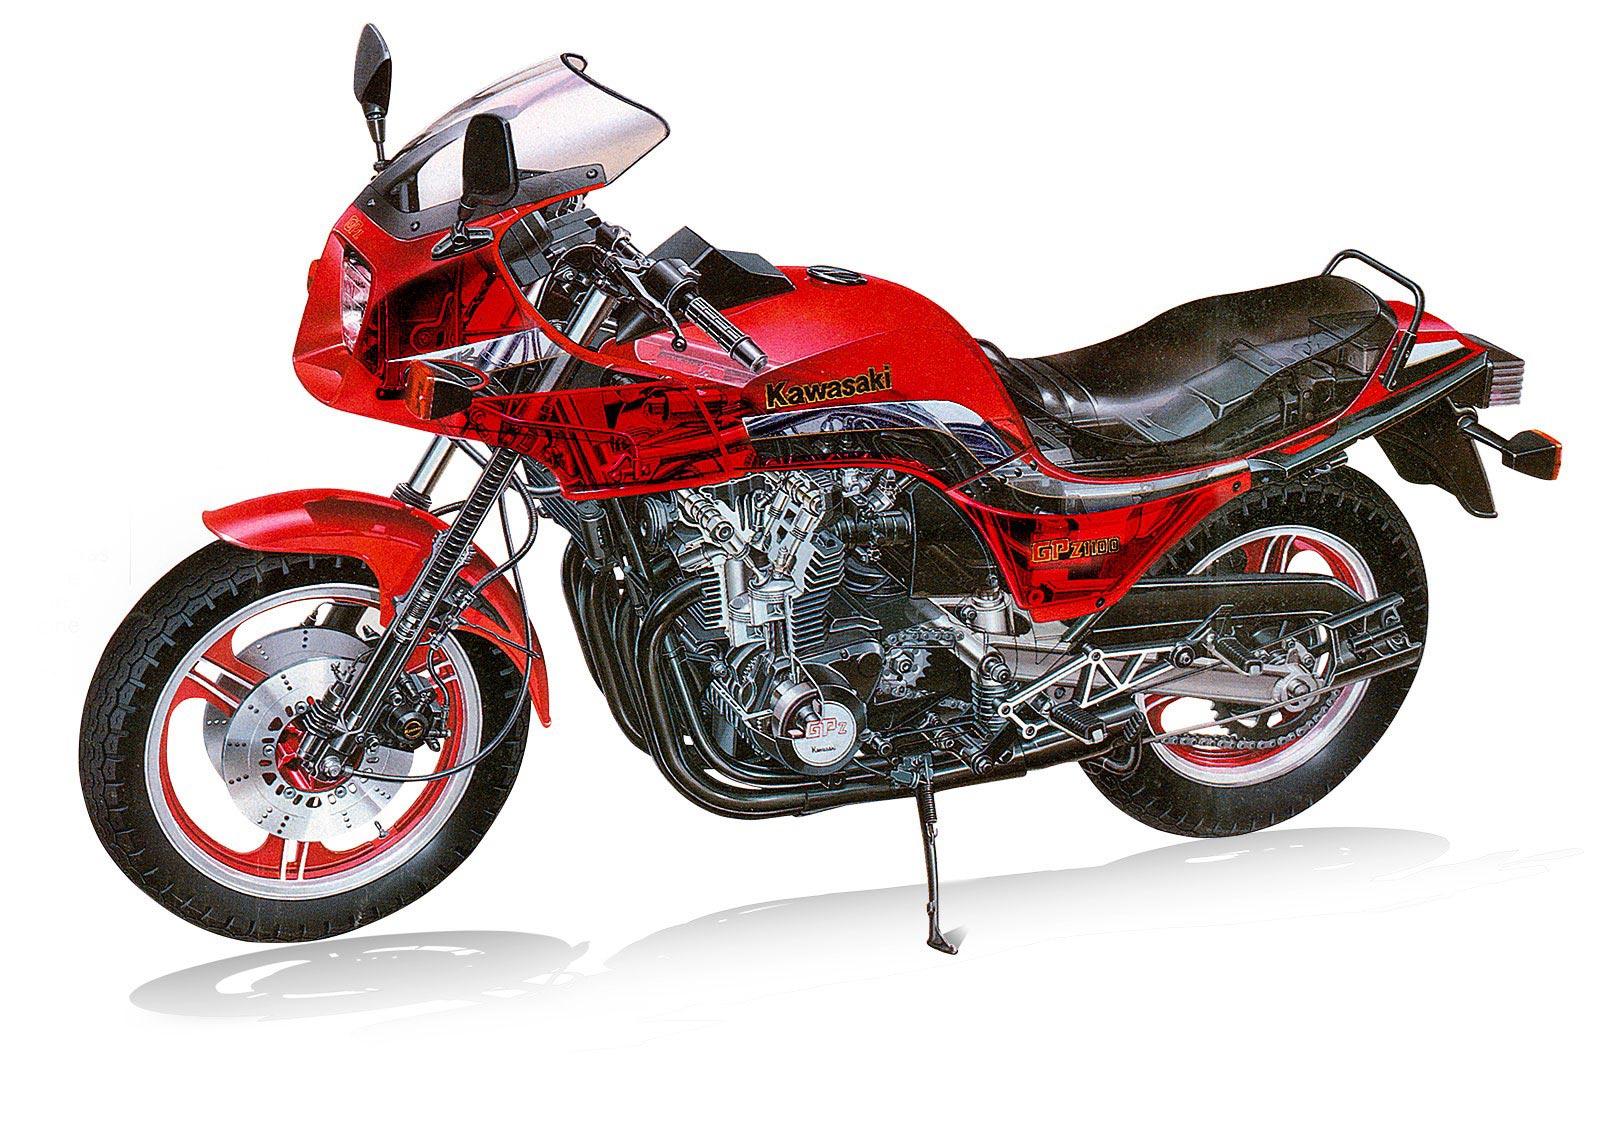 Kawasaki GPZ1100 cutaway